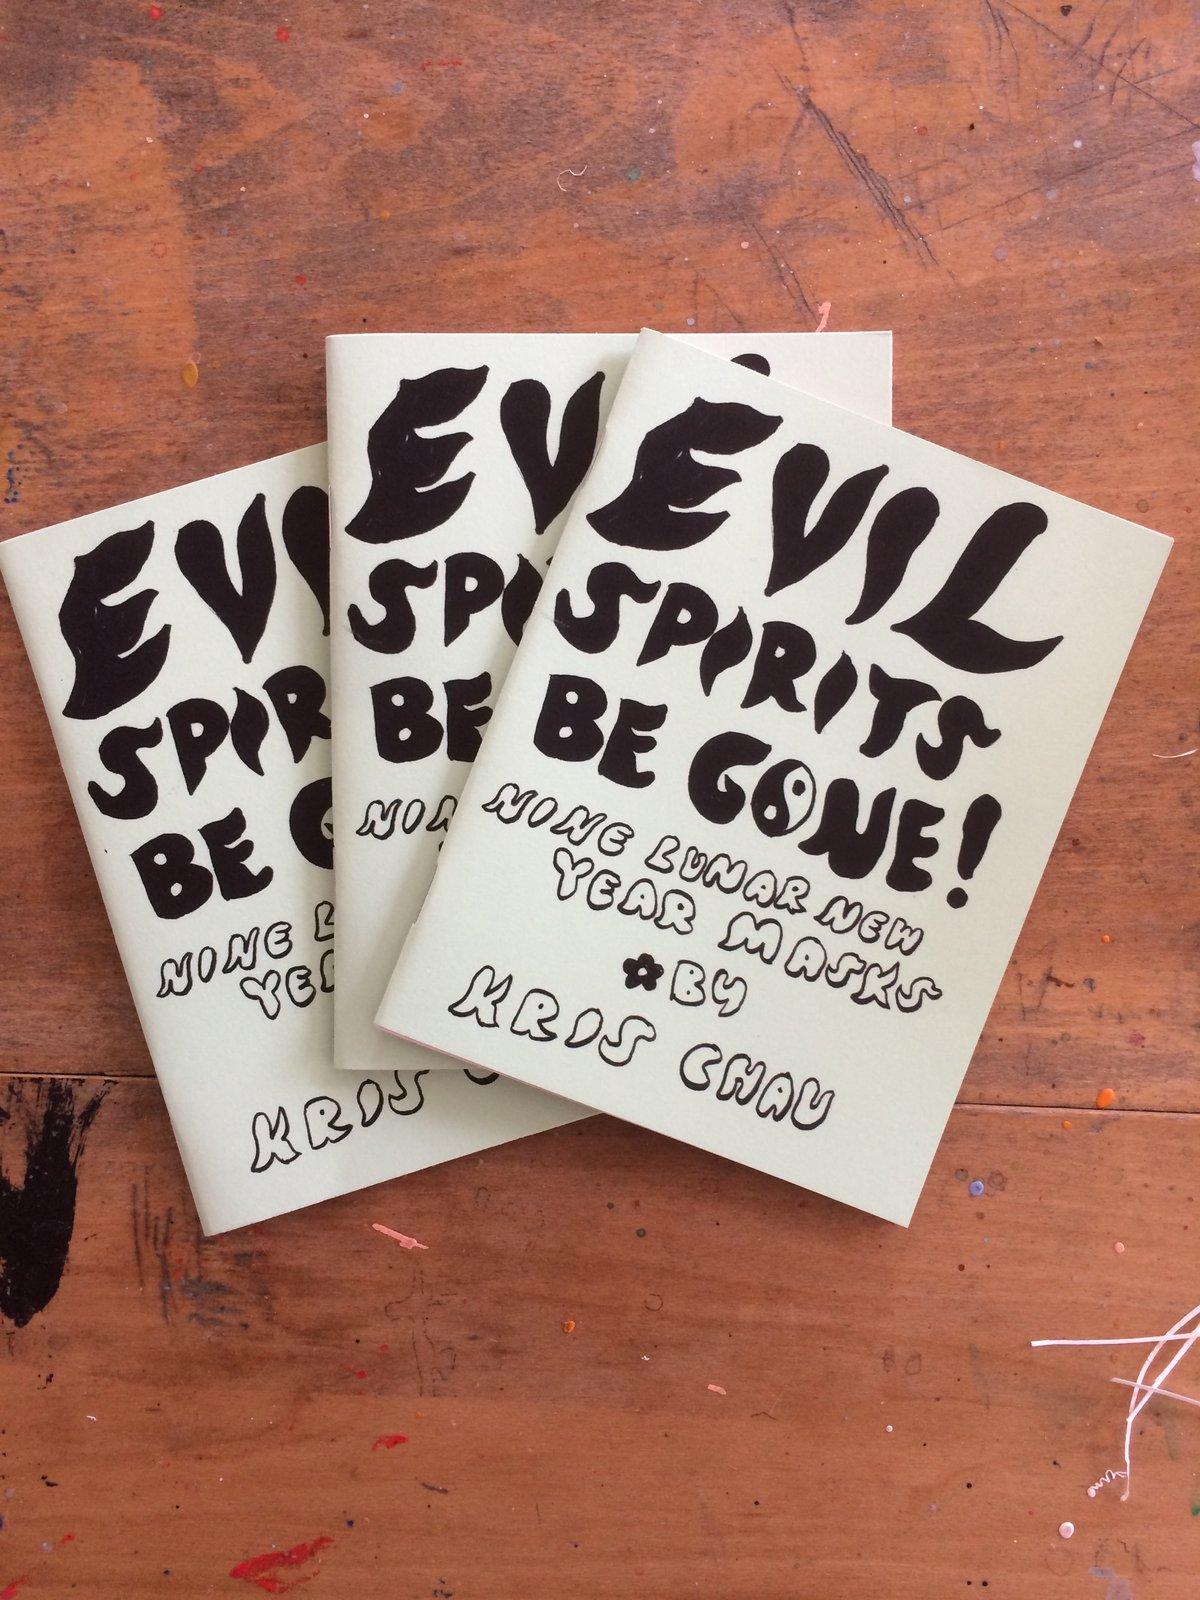 Evil SPiritS Be Gone!